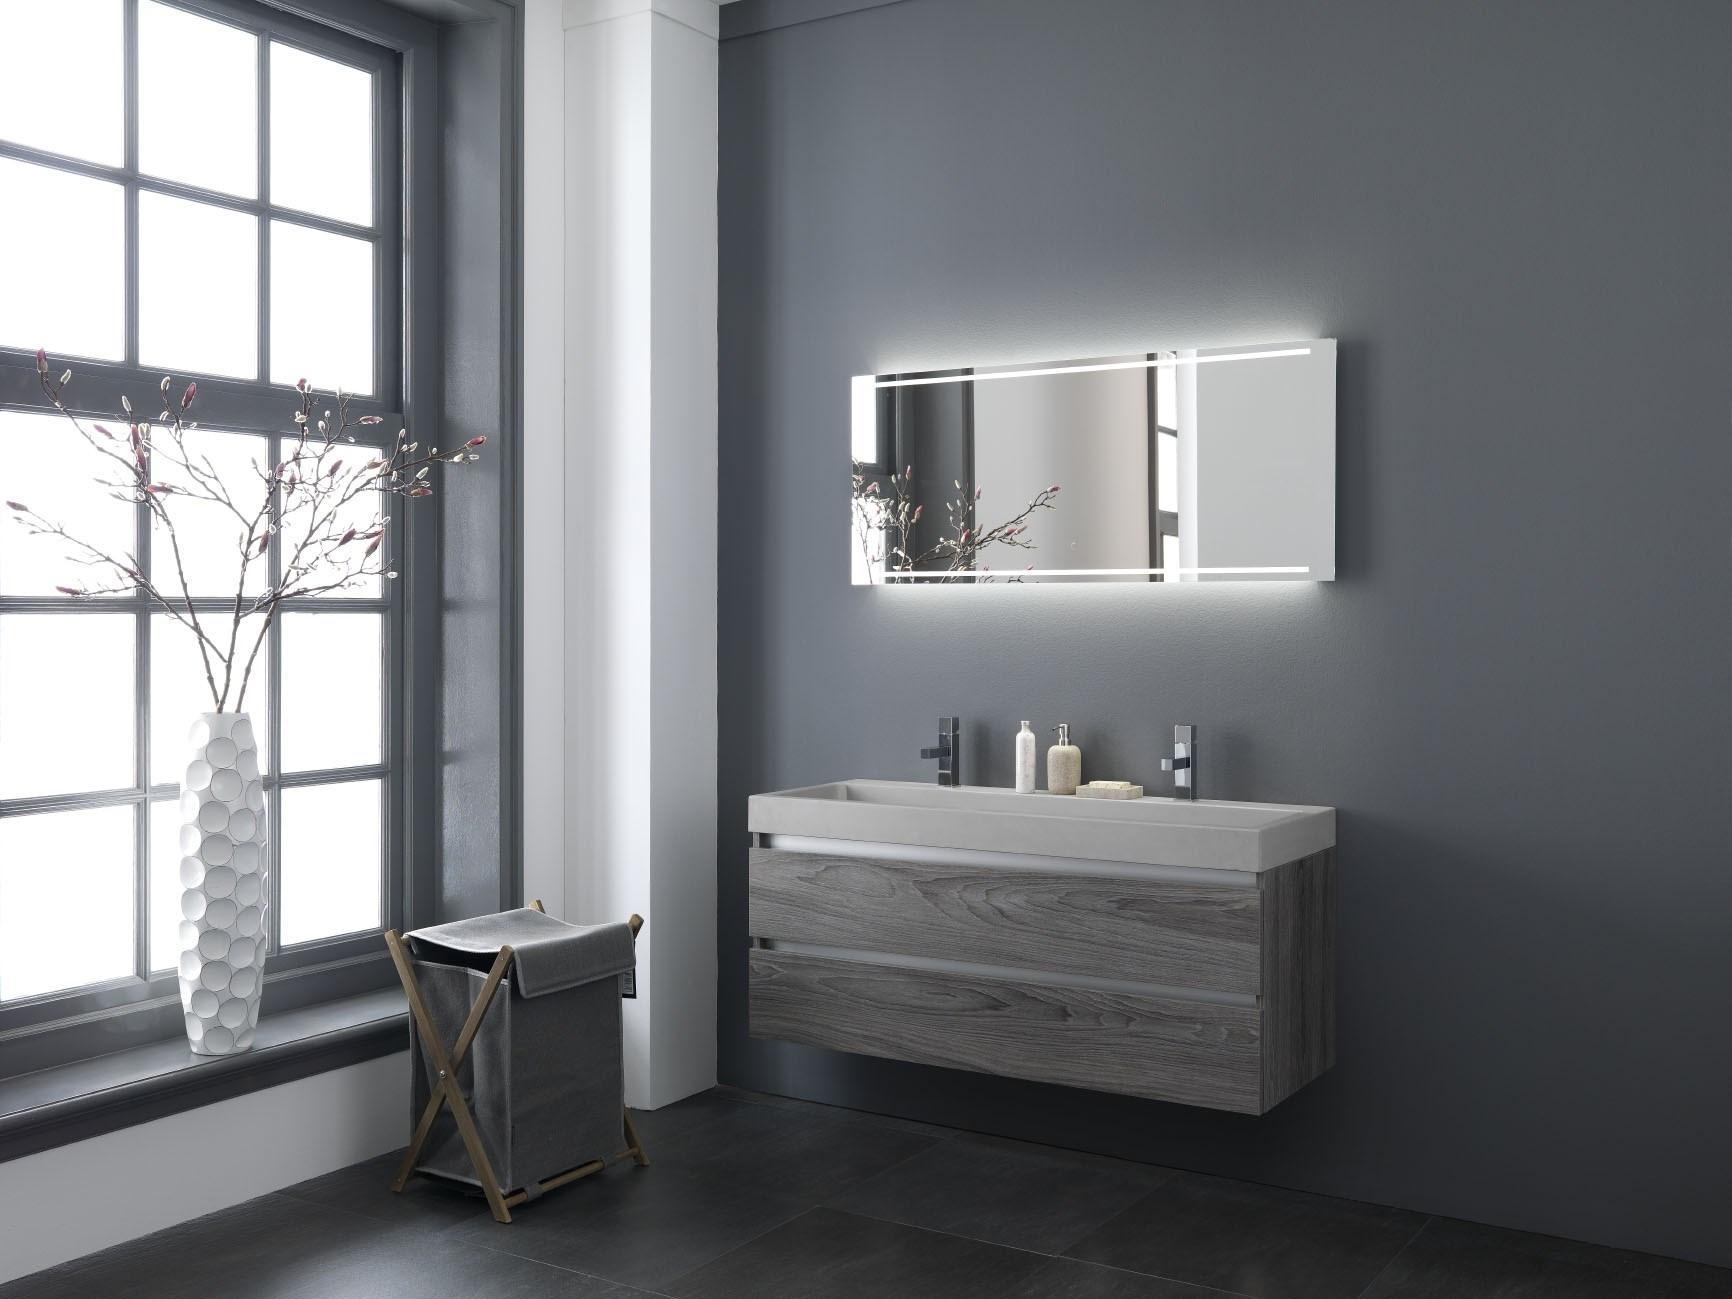 Wastafel Van Beton : Wastafel hout wastafel beton met meubel in eiken hout en